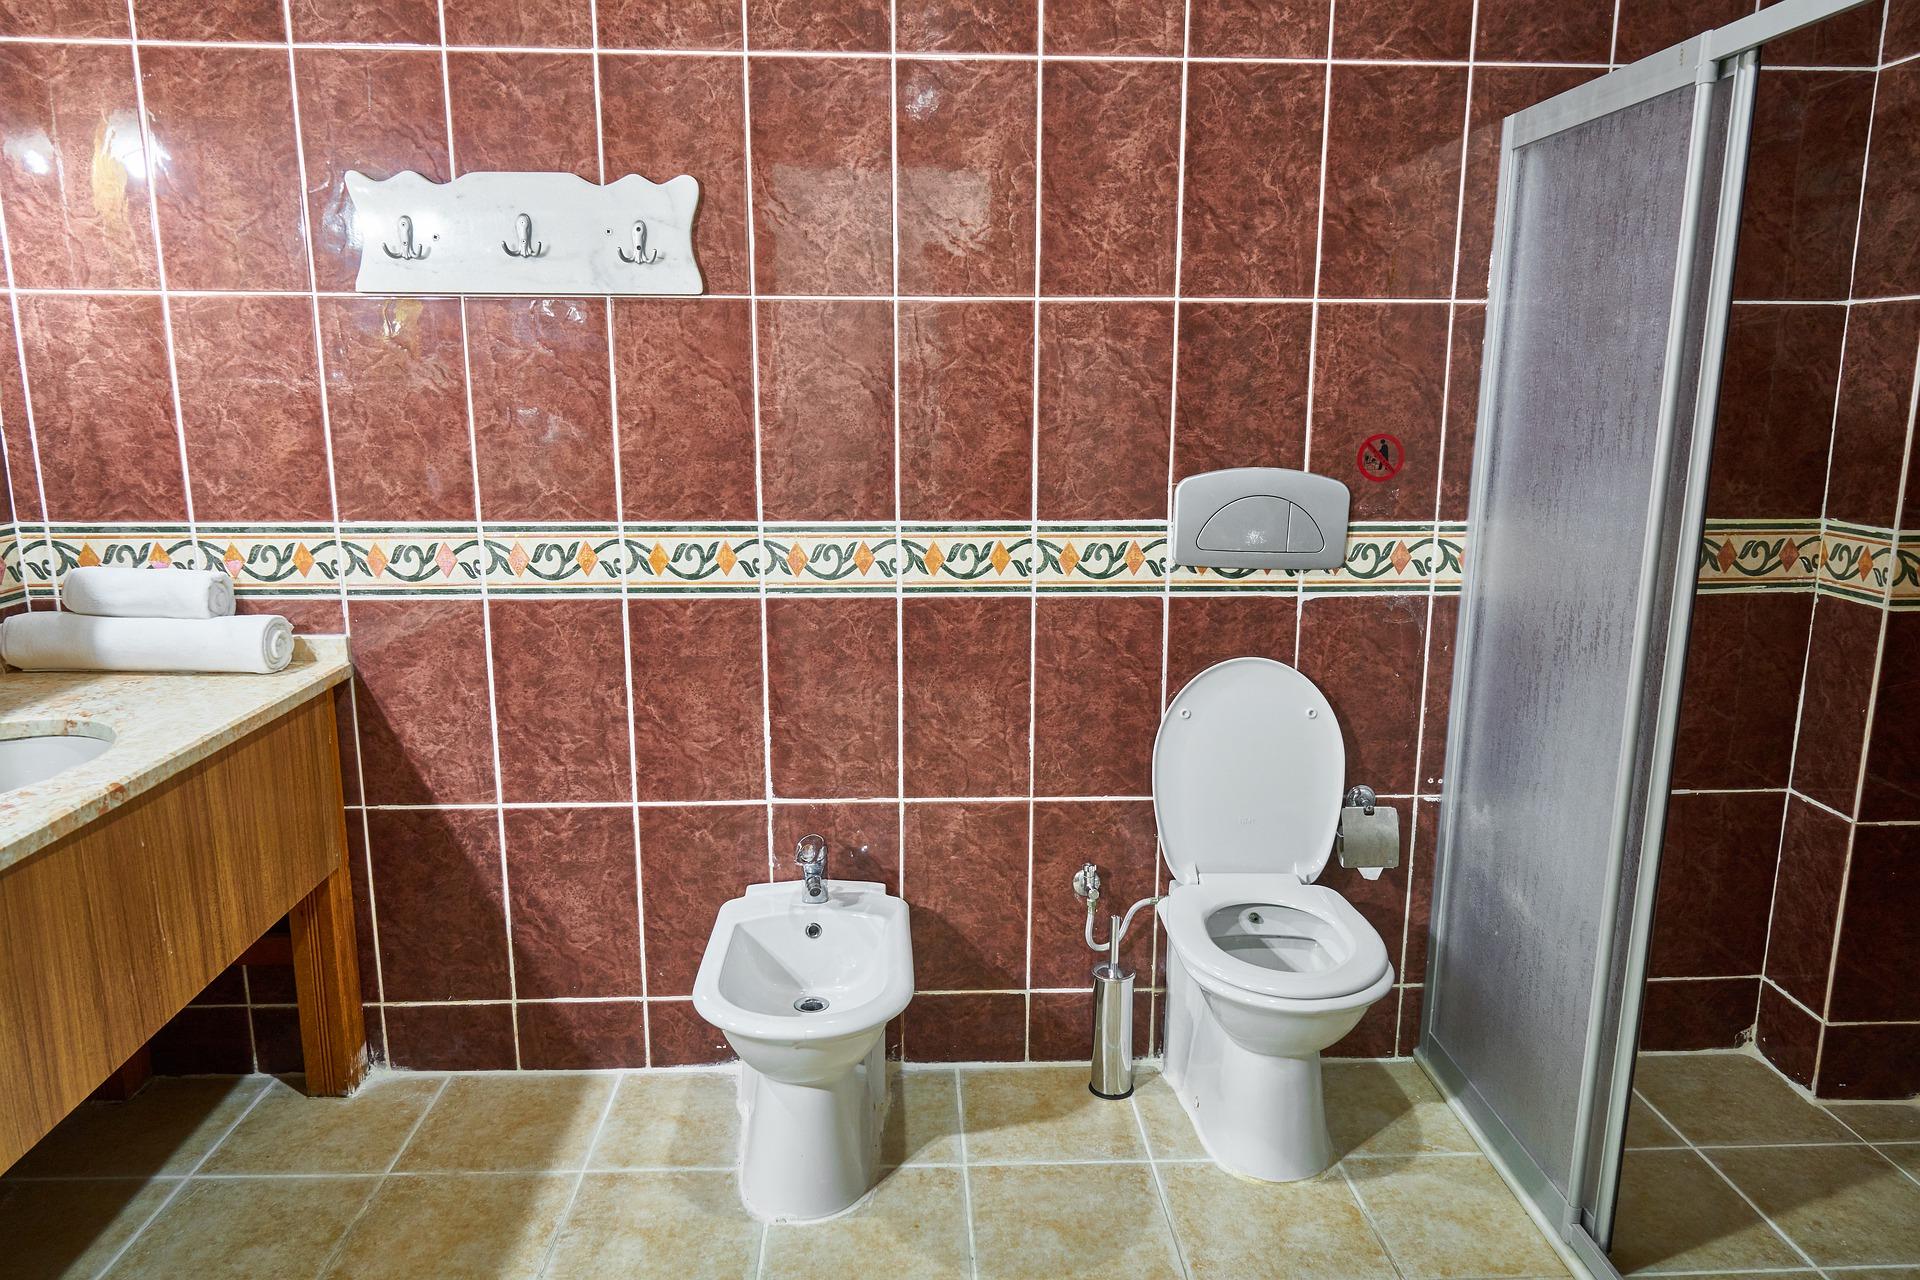 Assento sanitário Deca: Saiba como escolher o melhor em 2020